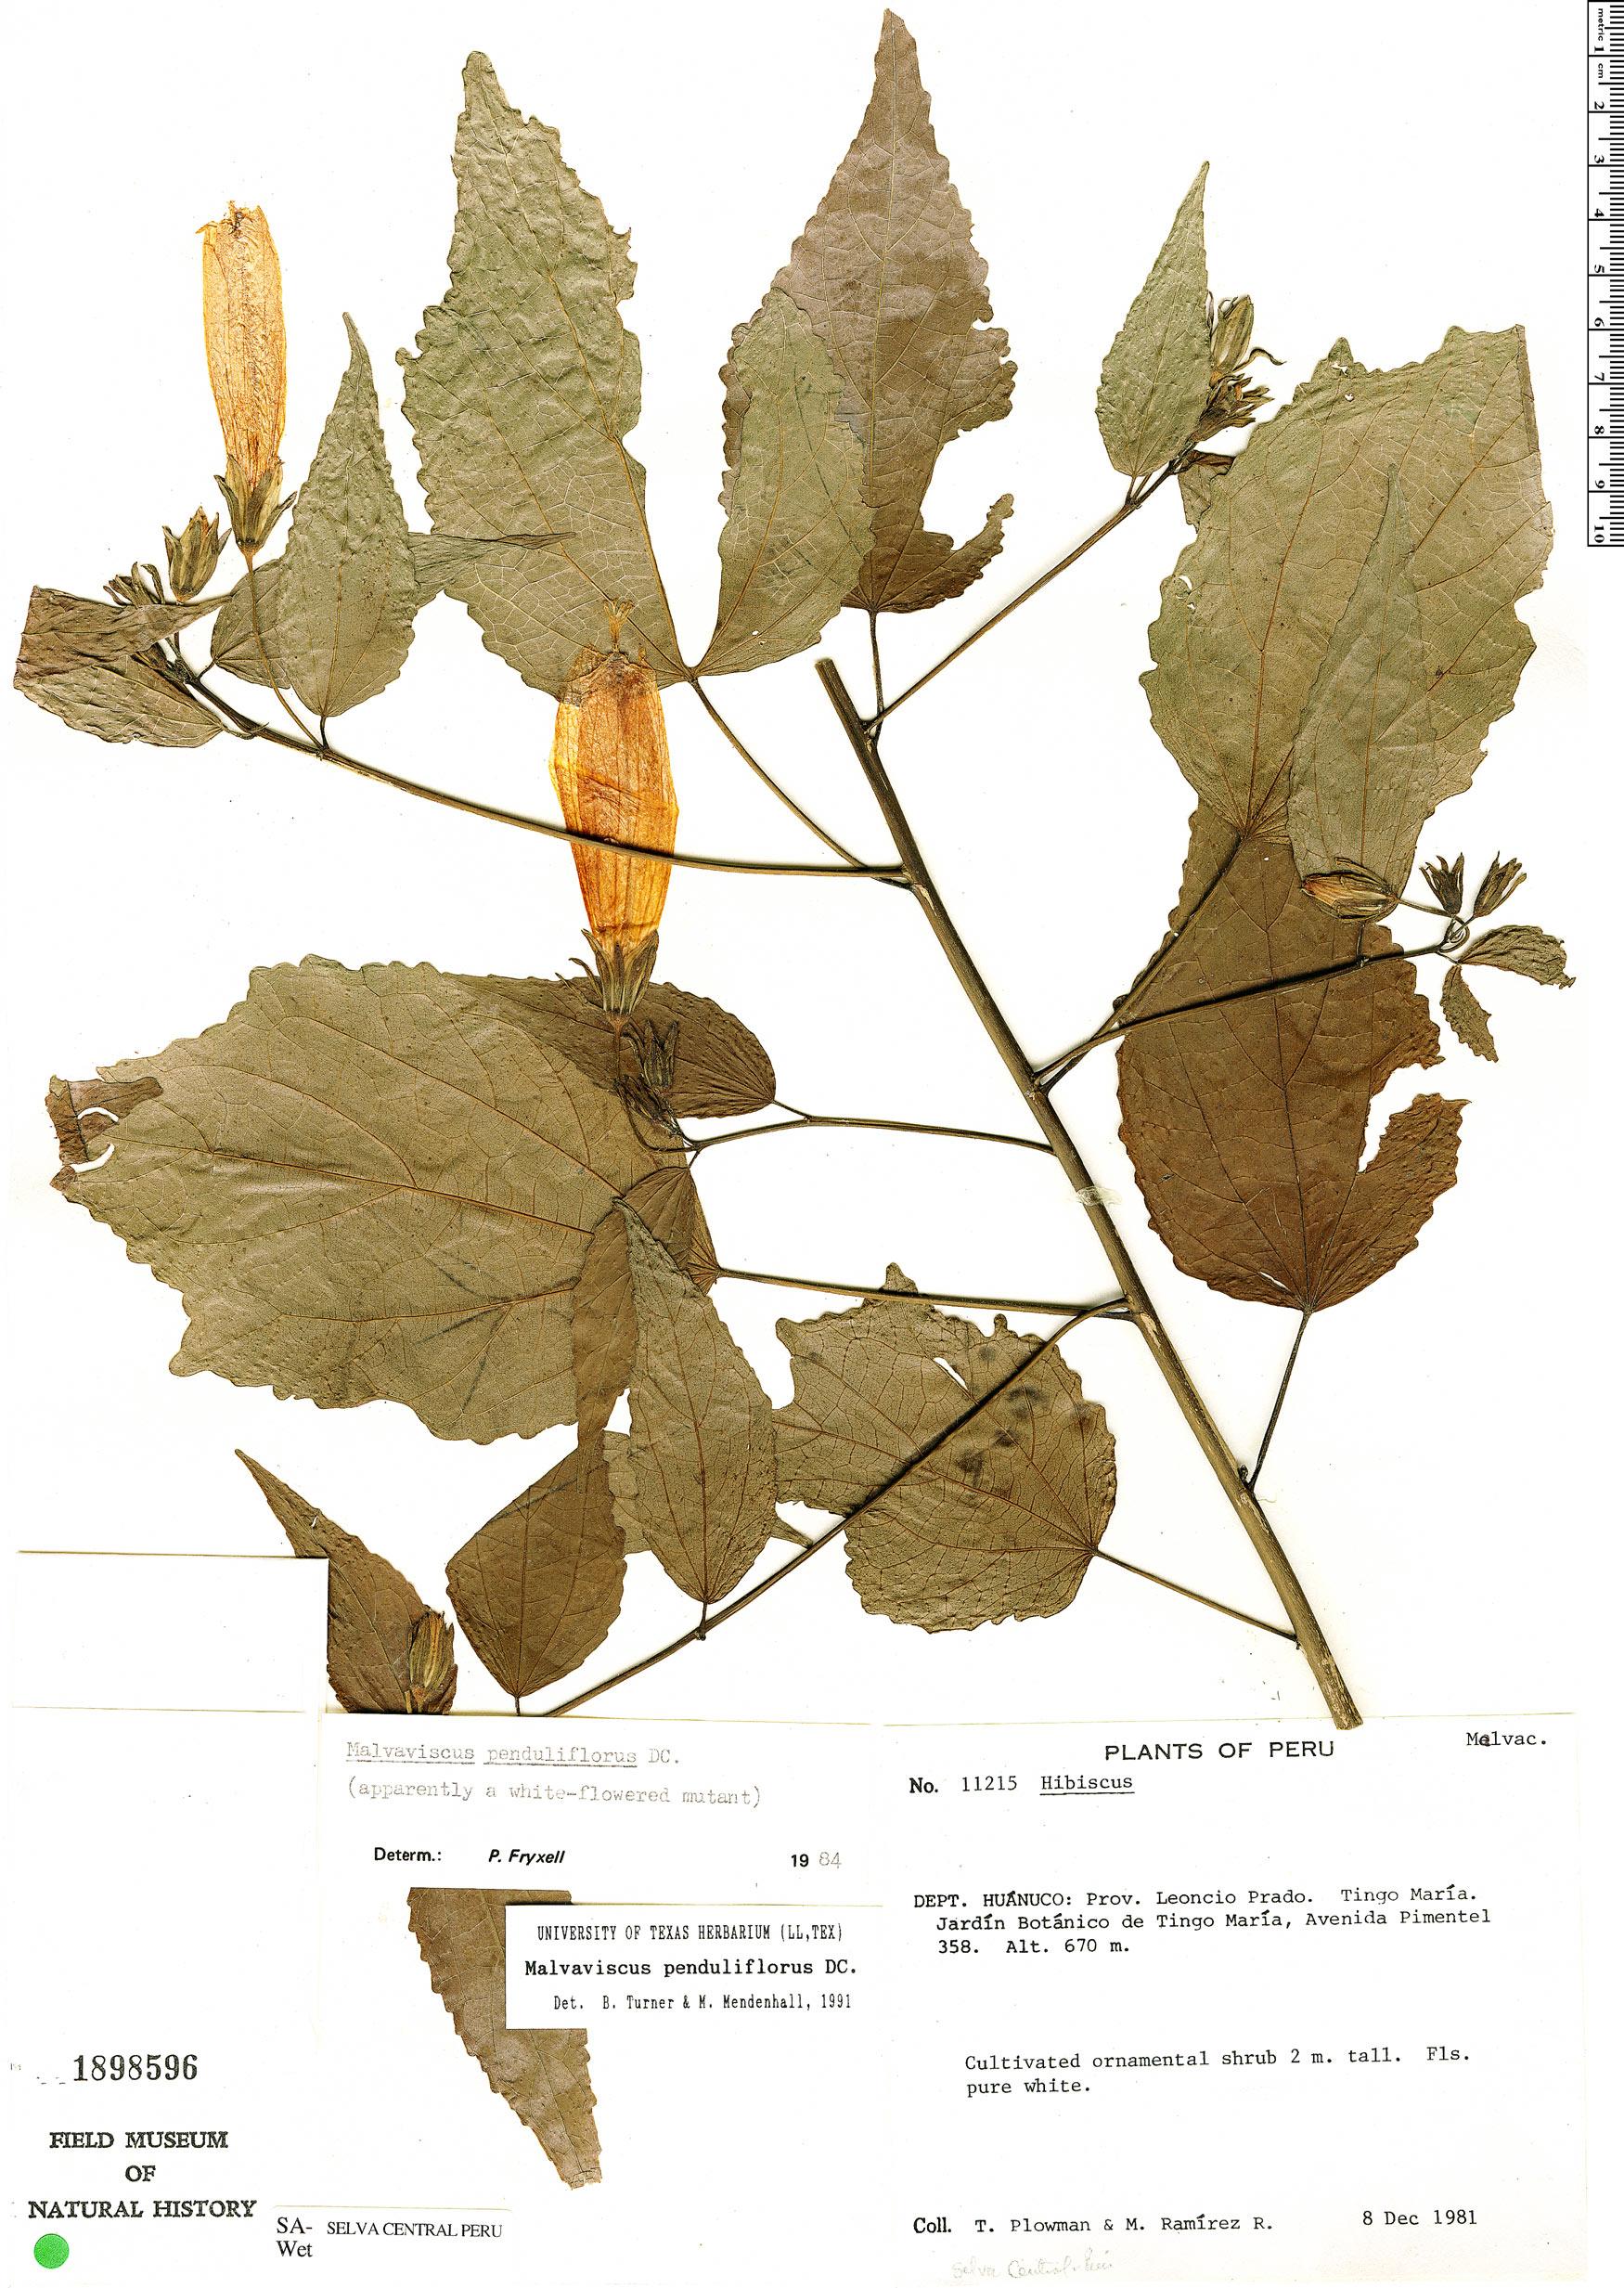 Specimen: Malvaviscus penduliflorus